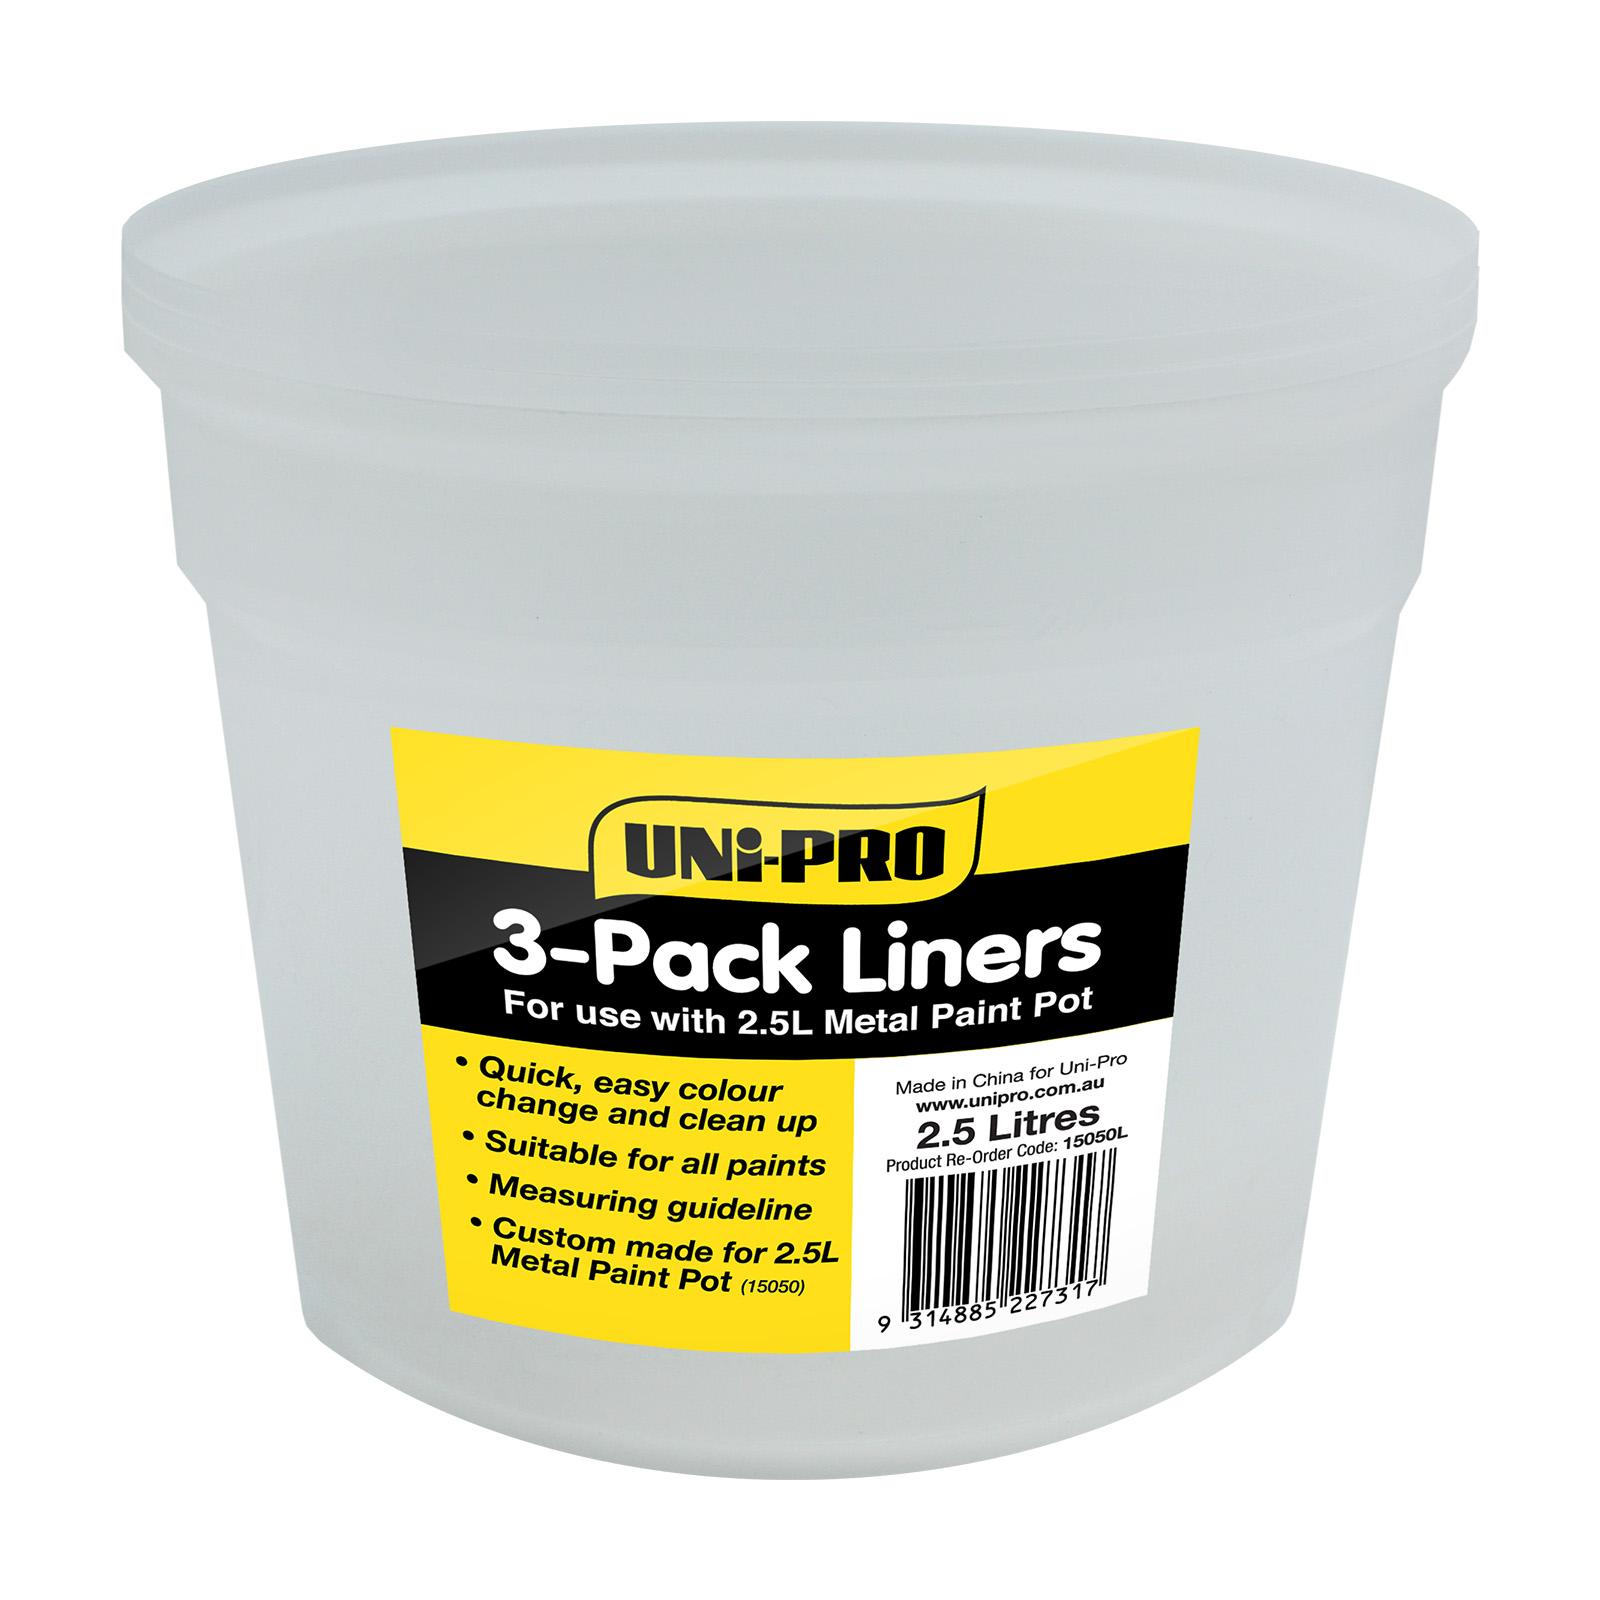 UNi-PRO 2.5L Heavy Duty Metal Paint Pot